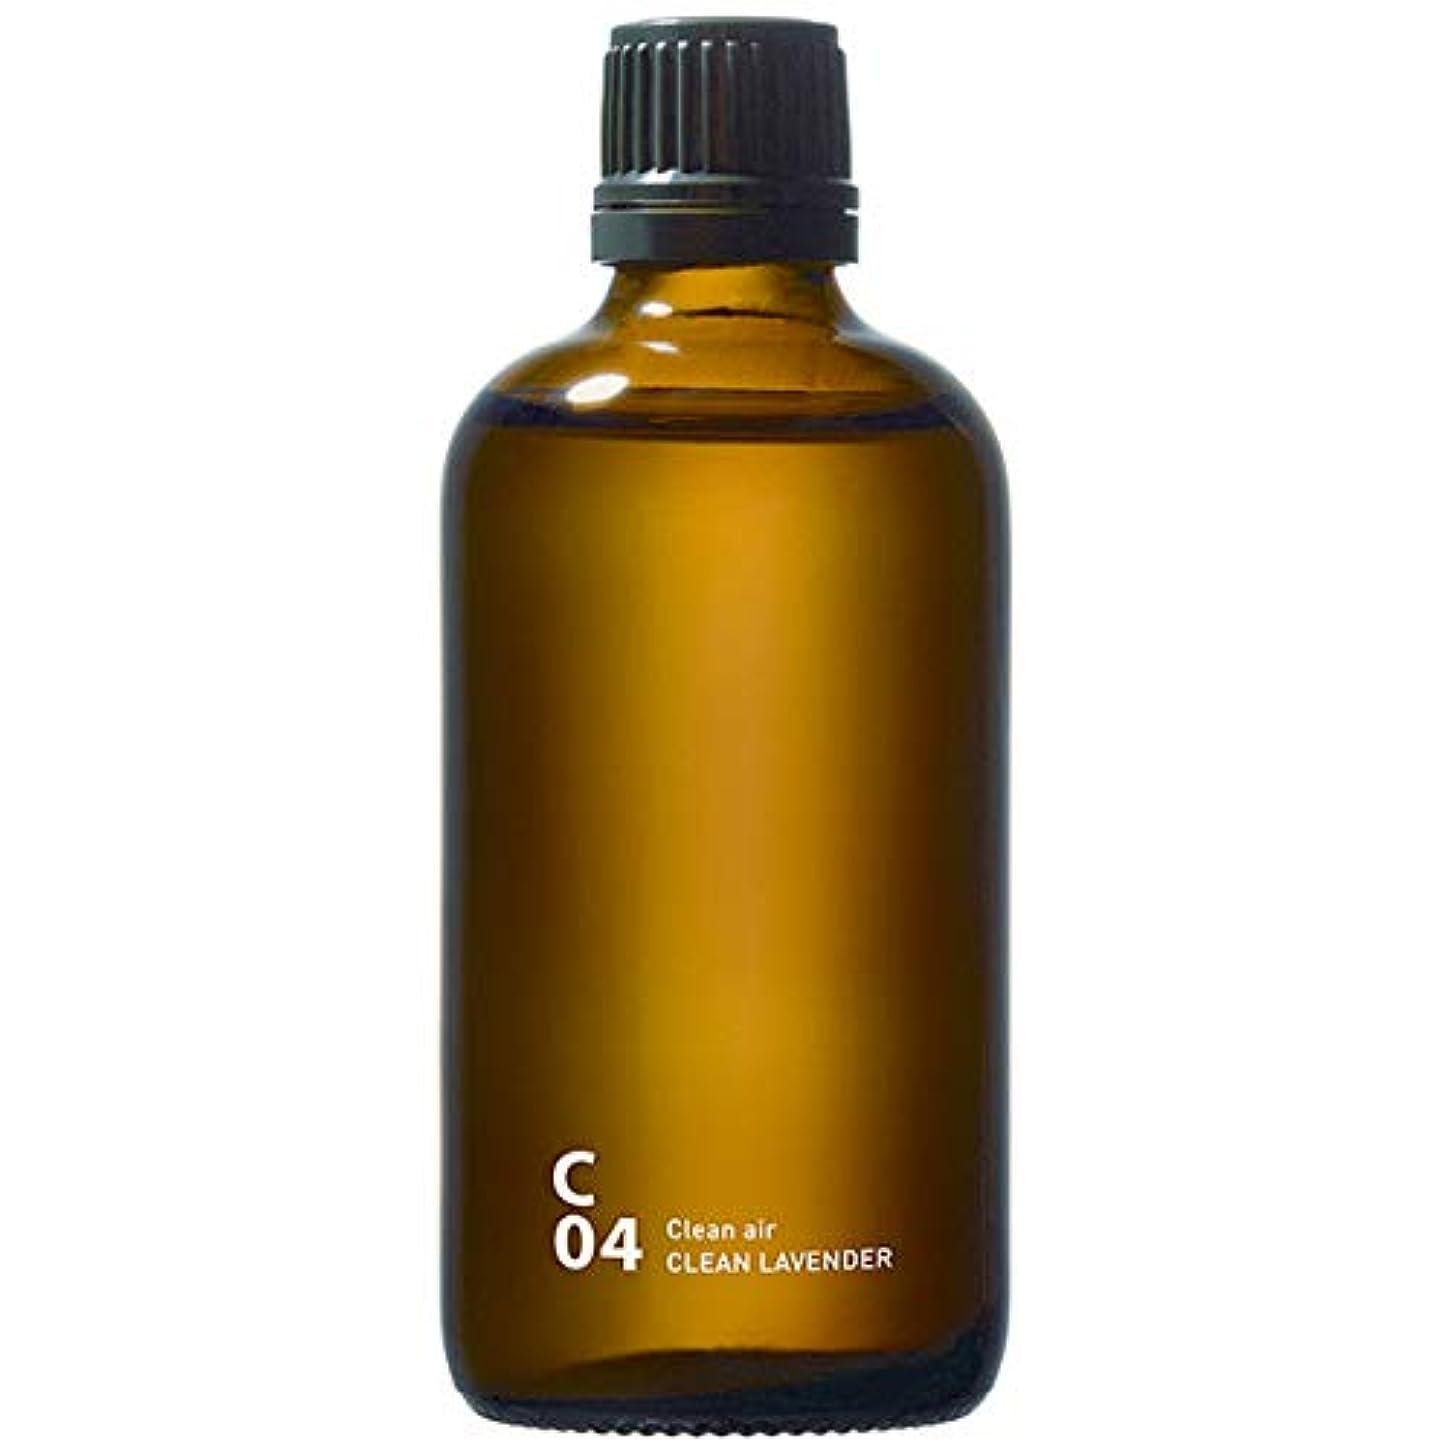 ヒント勉強するアボートC04 CLEAN LAVENDER piezo aroma oil 100ml